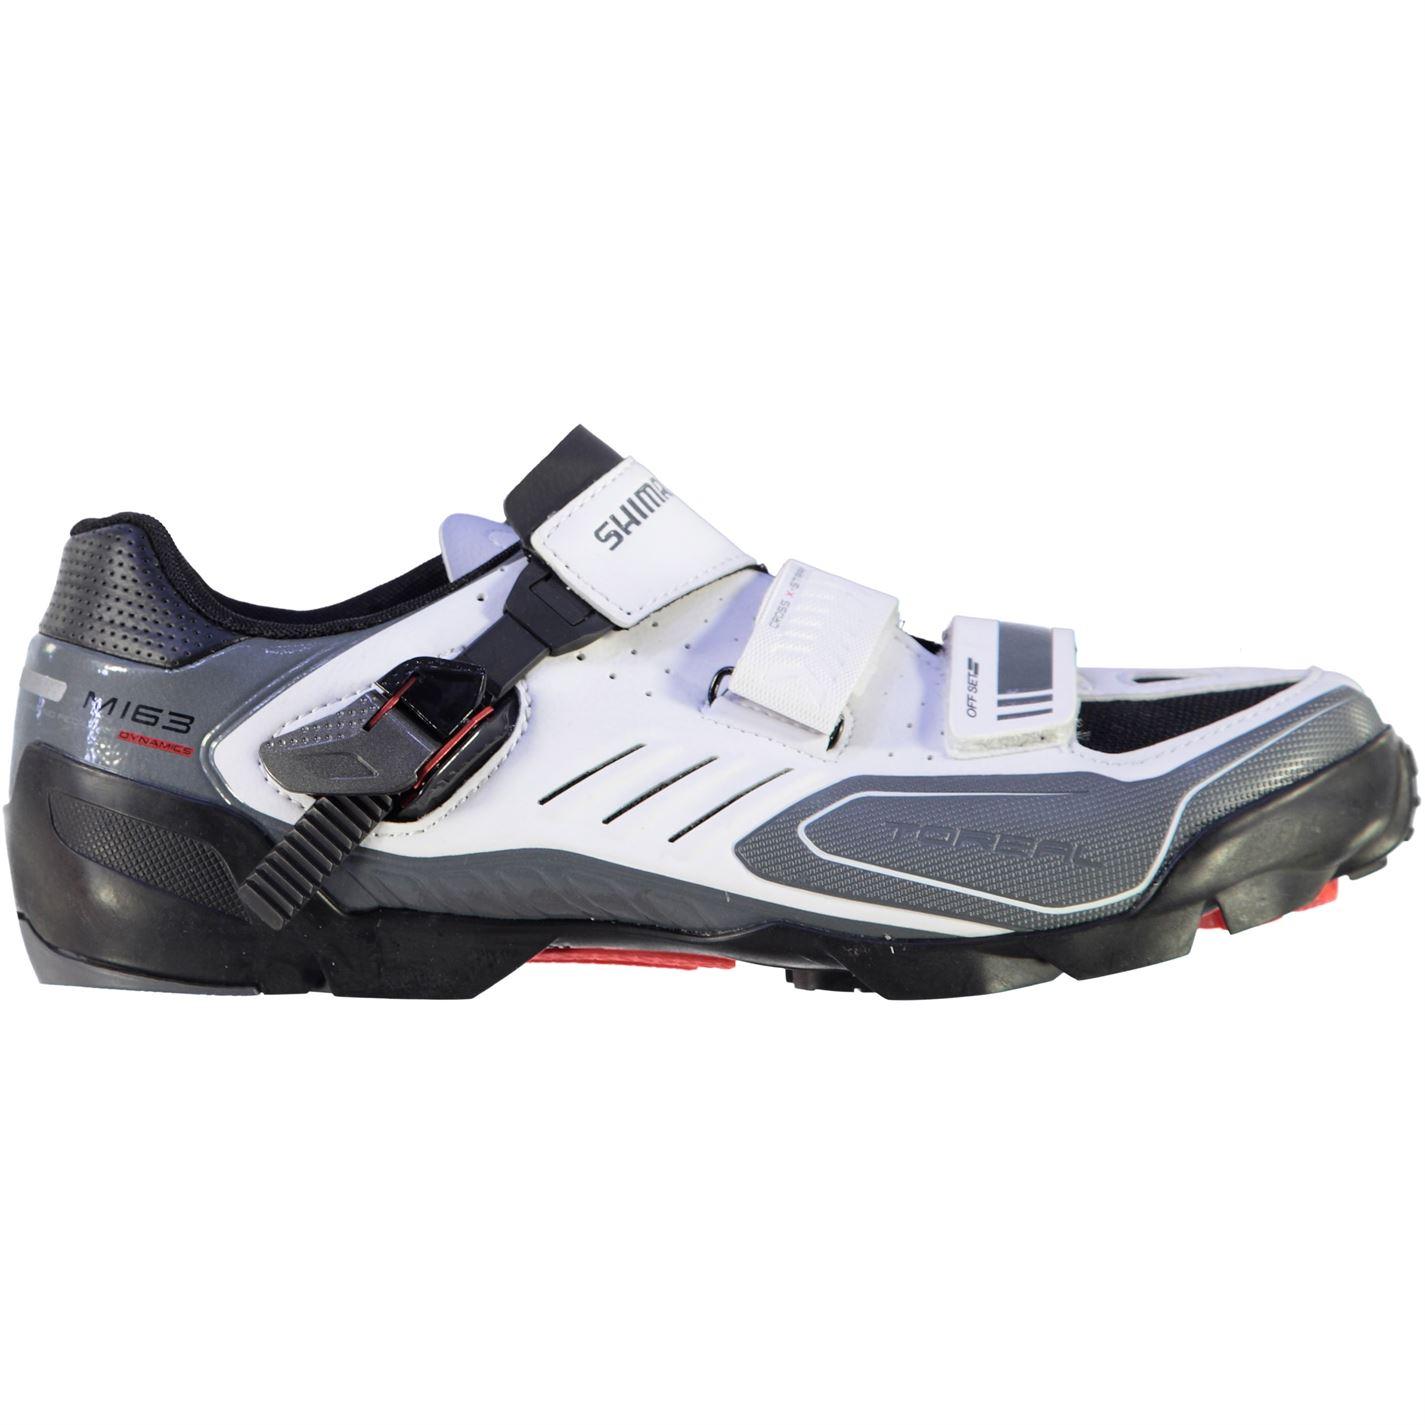 Shimano SH M163 Cycling Shoes pánské